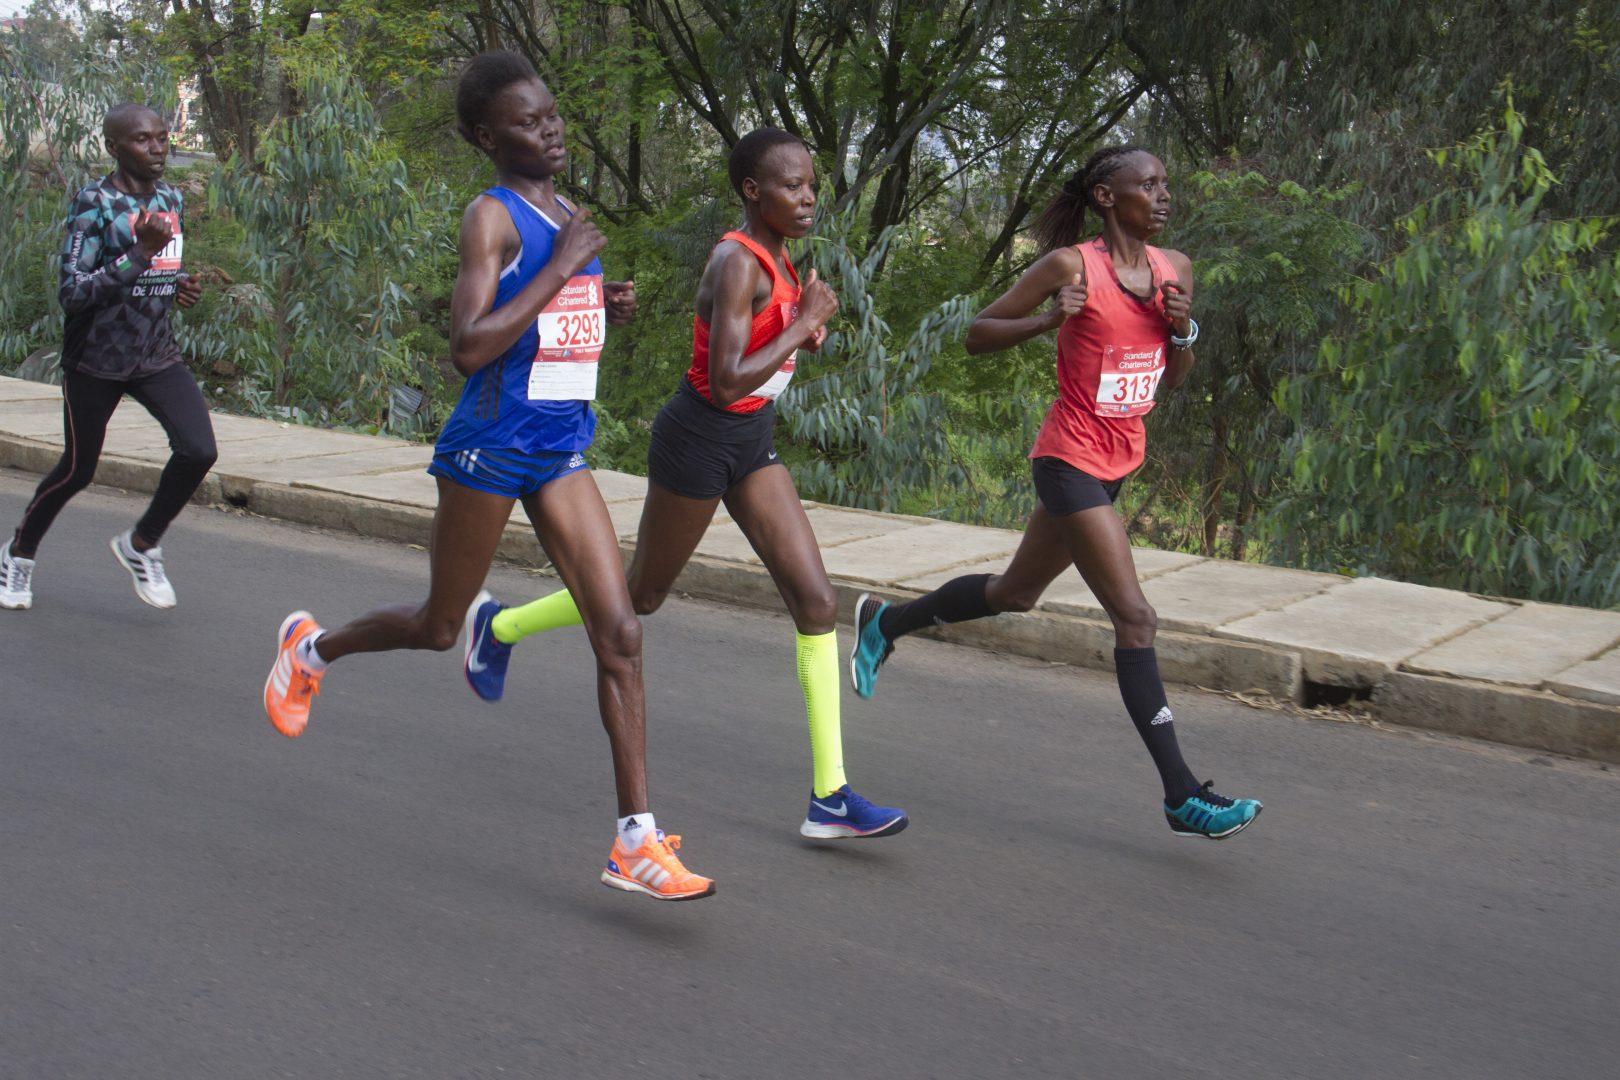 https://www.nairobimarathon.com/wp-content/uploads/2021/07/MG_4844.jpg